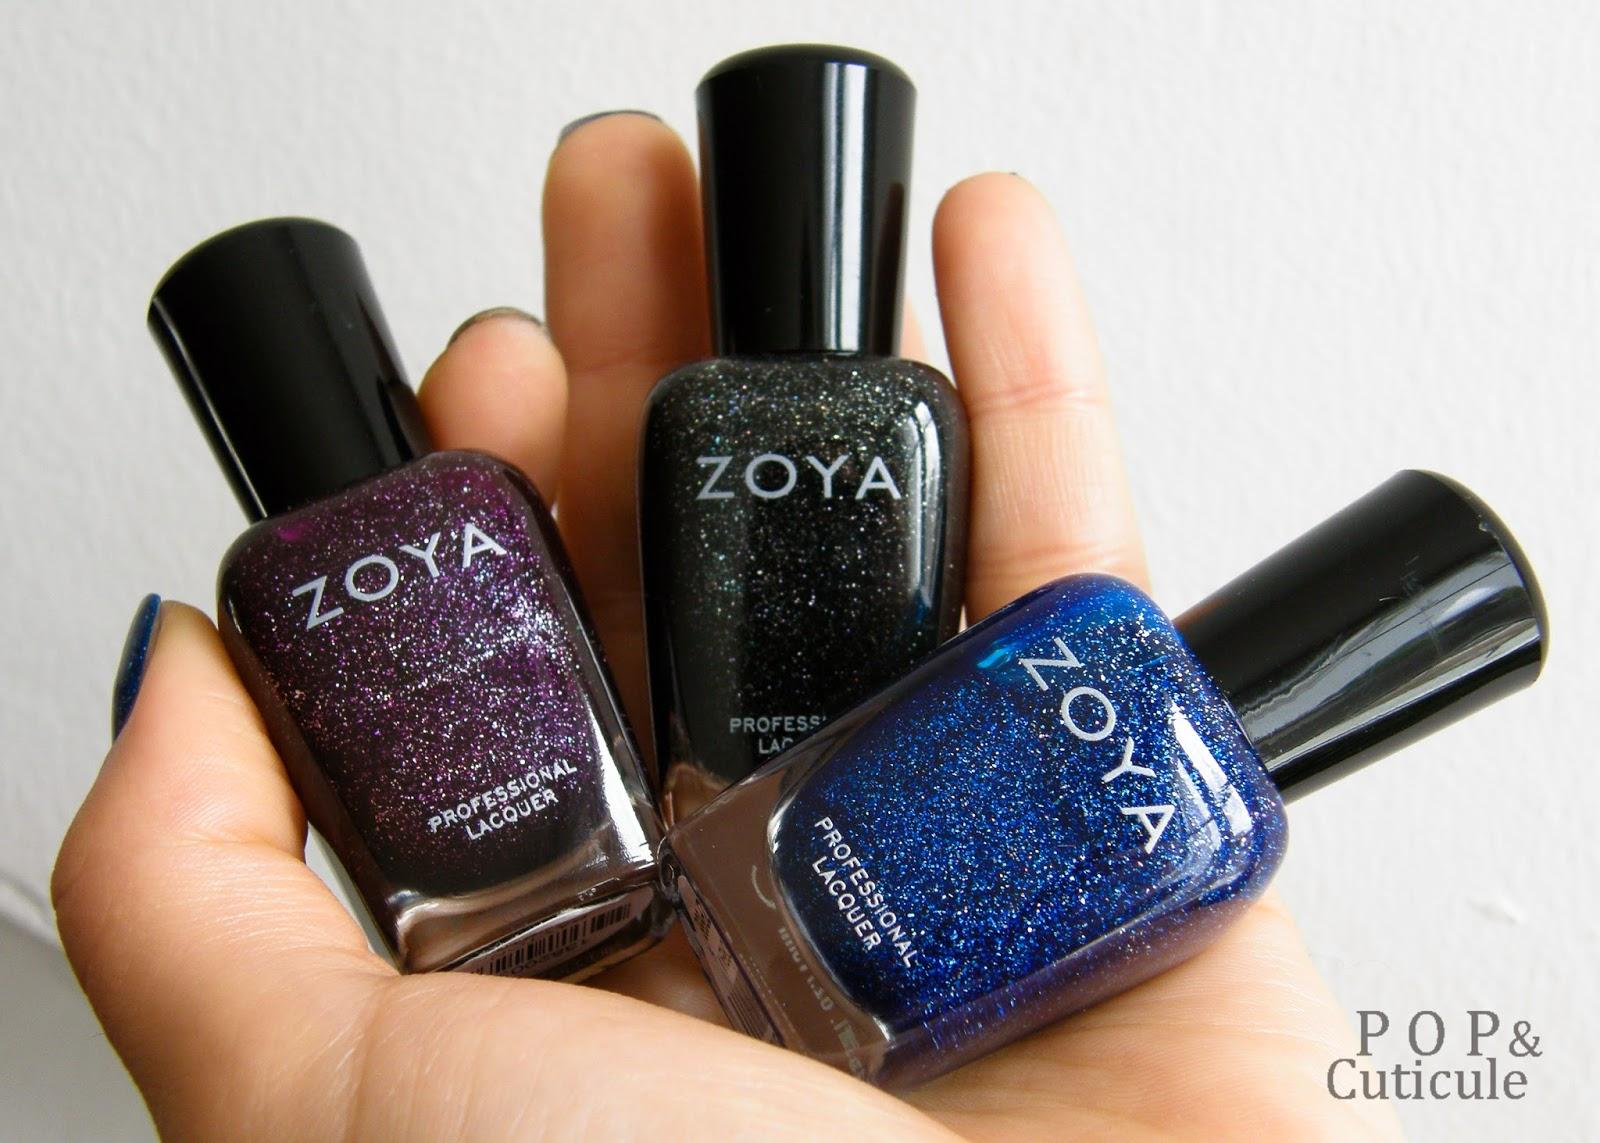 Pop & Cuticule Boutique Atouts Charme ZOYA